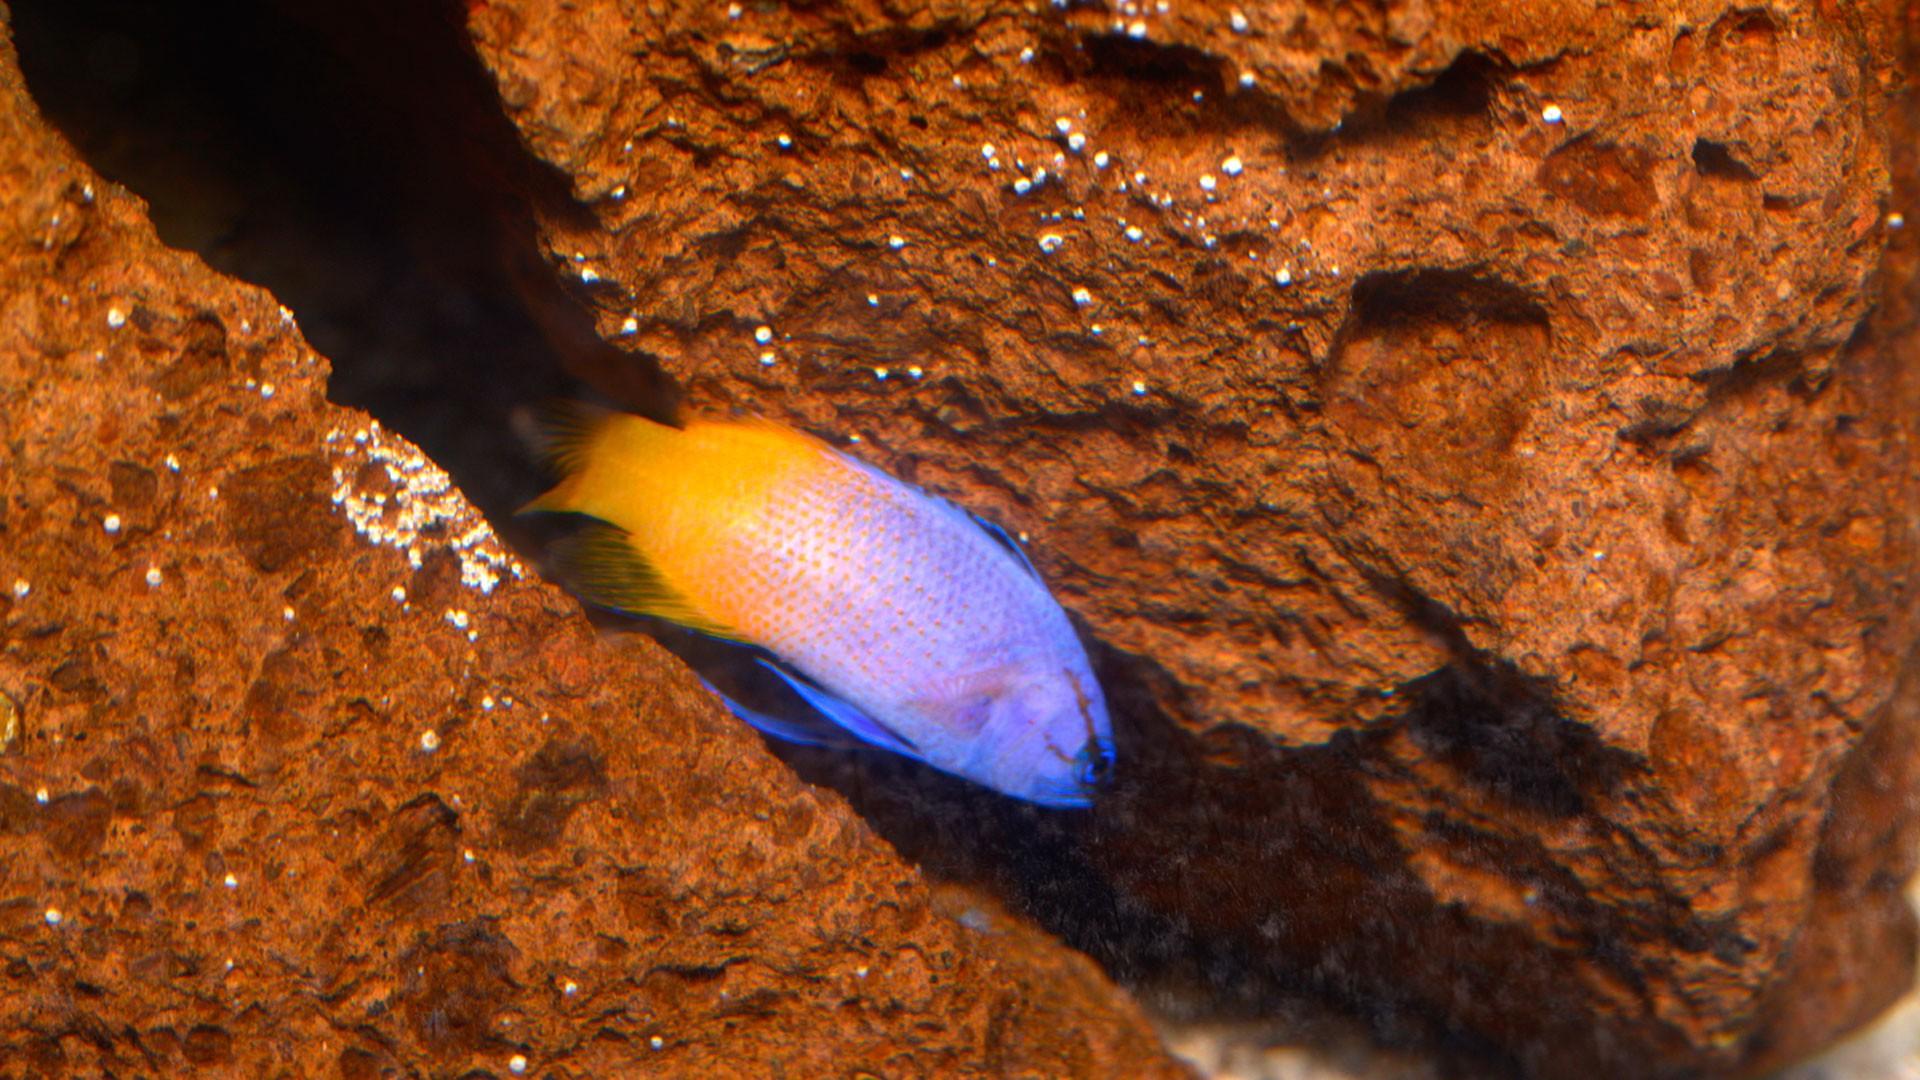 Royal Gramma fish